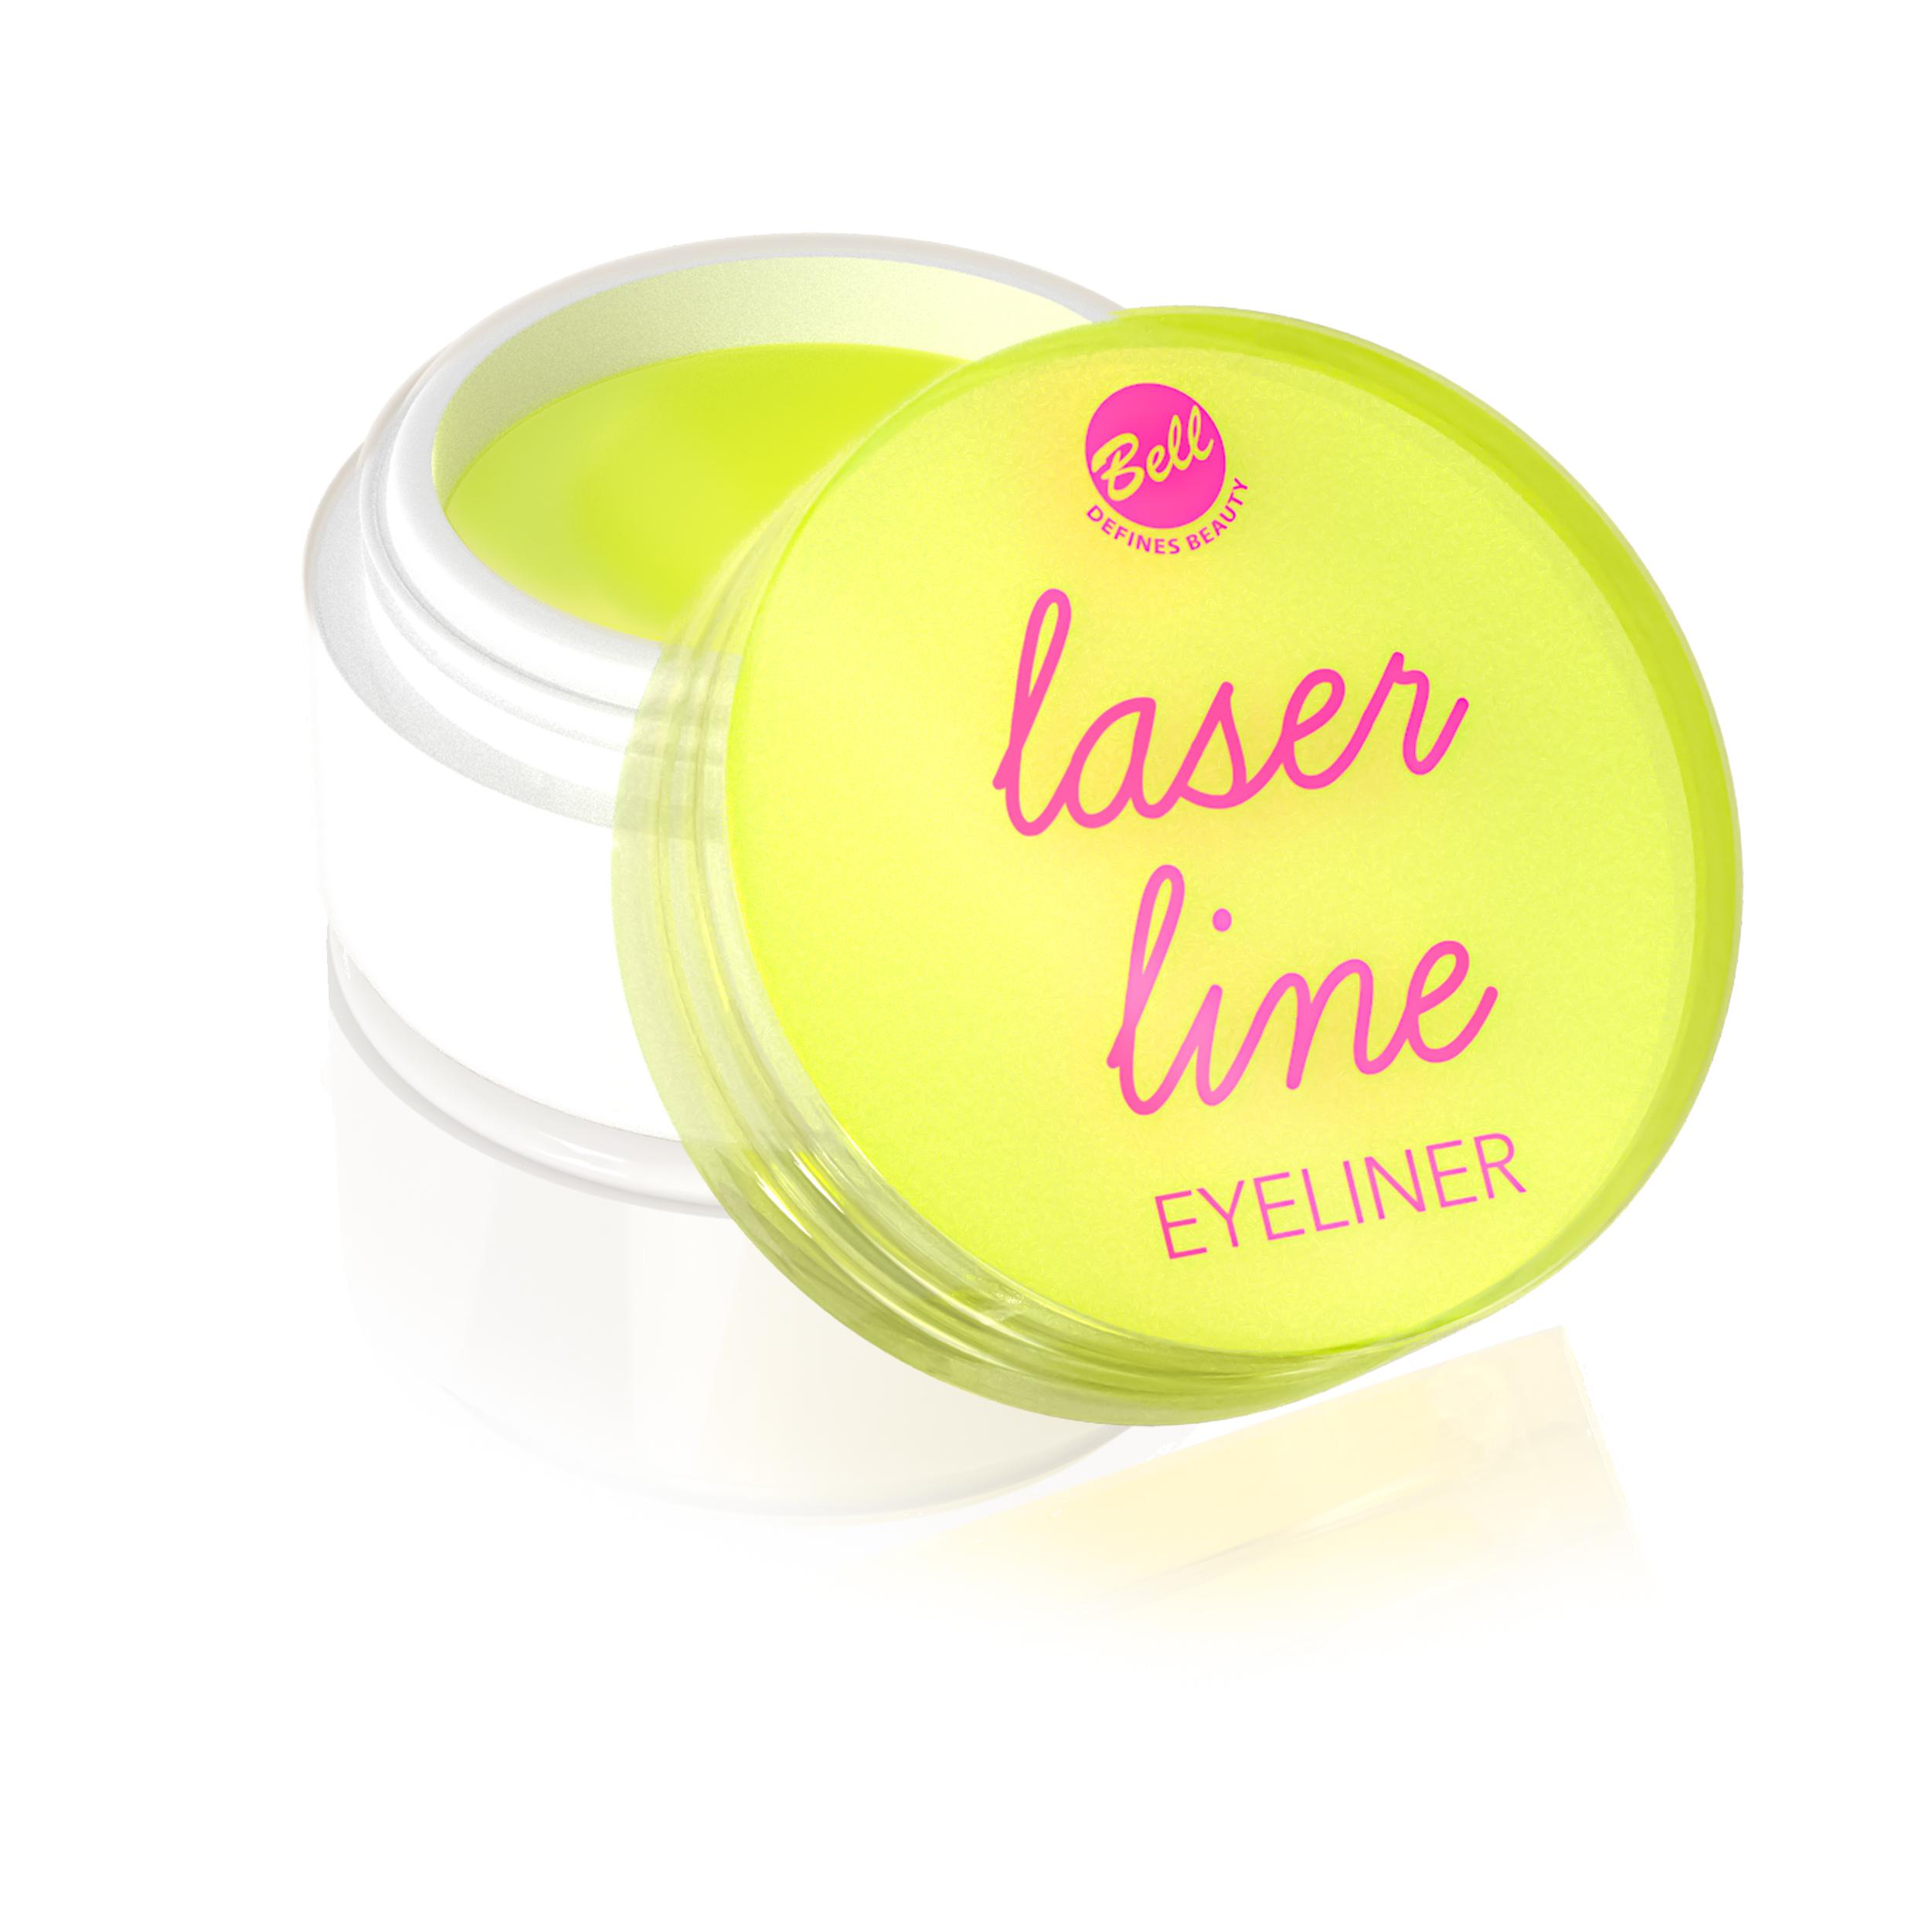 Laser Line Eyeliner